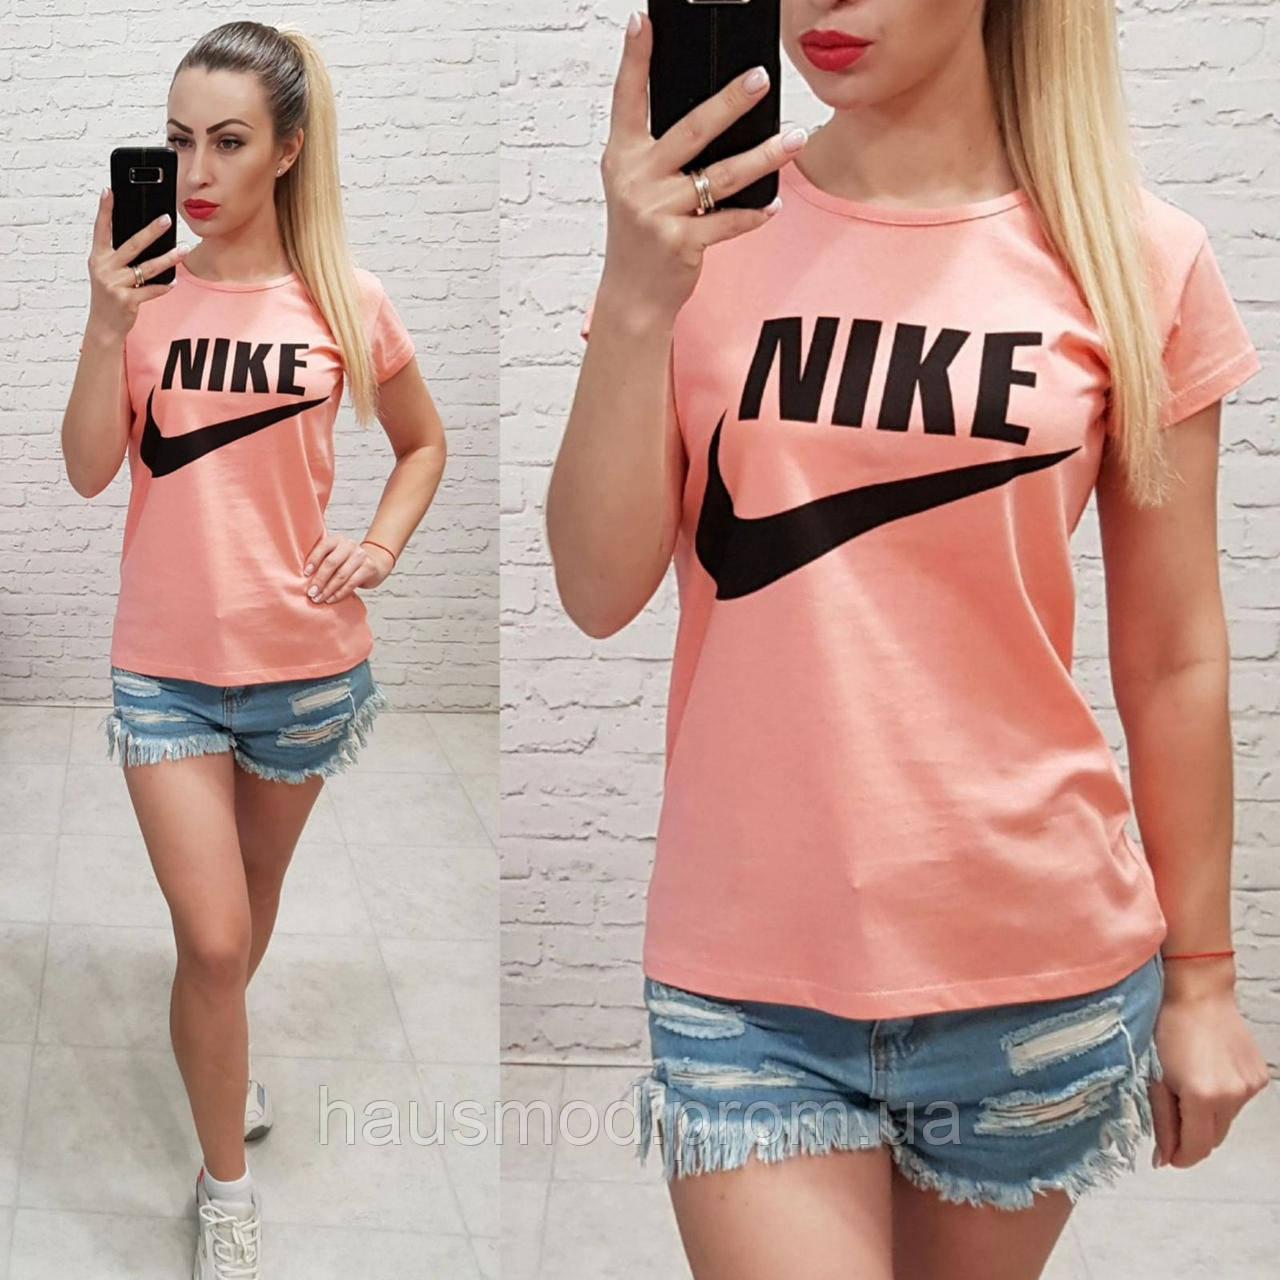 Женская футболка летняя реплика Nike Турция 100% катон персиковая